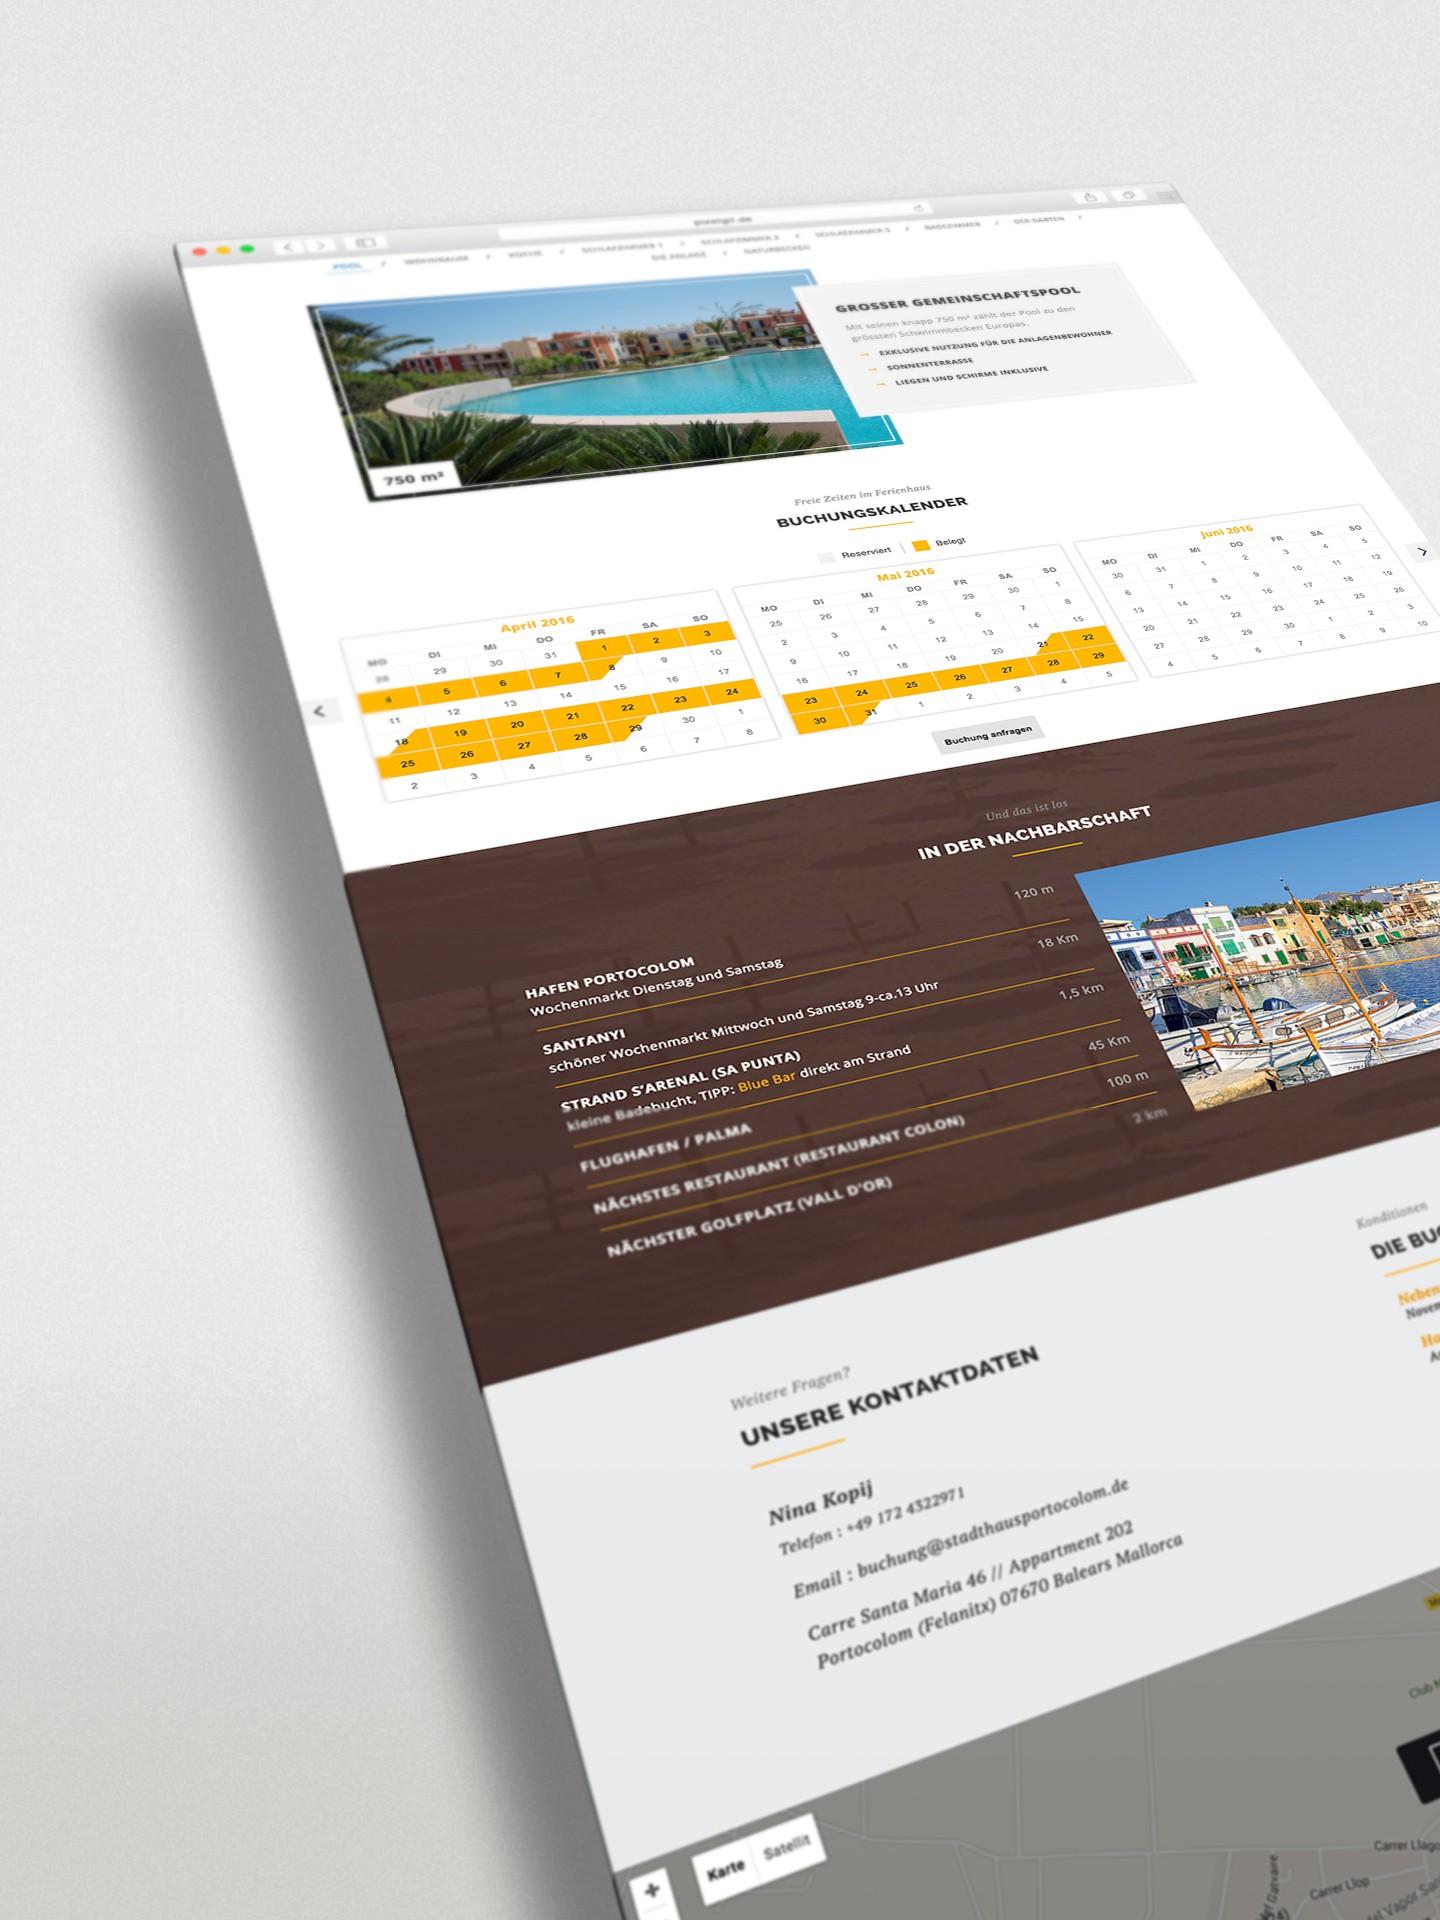 Stadthausportocolom Webseite PIXELGIF Referenz